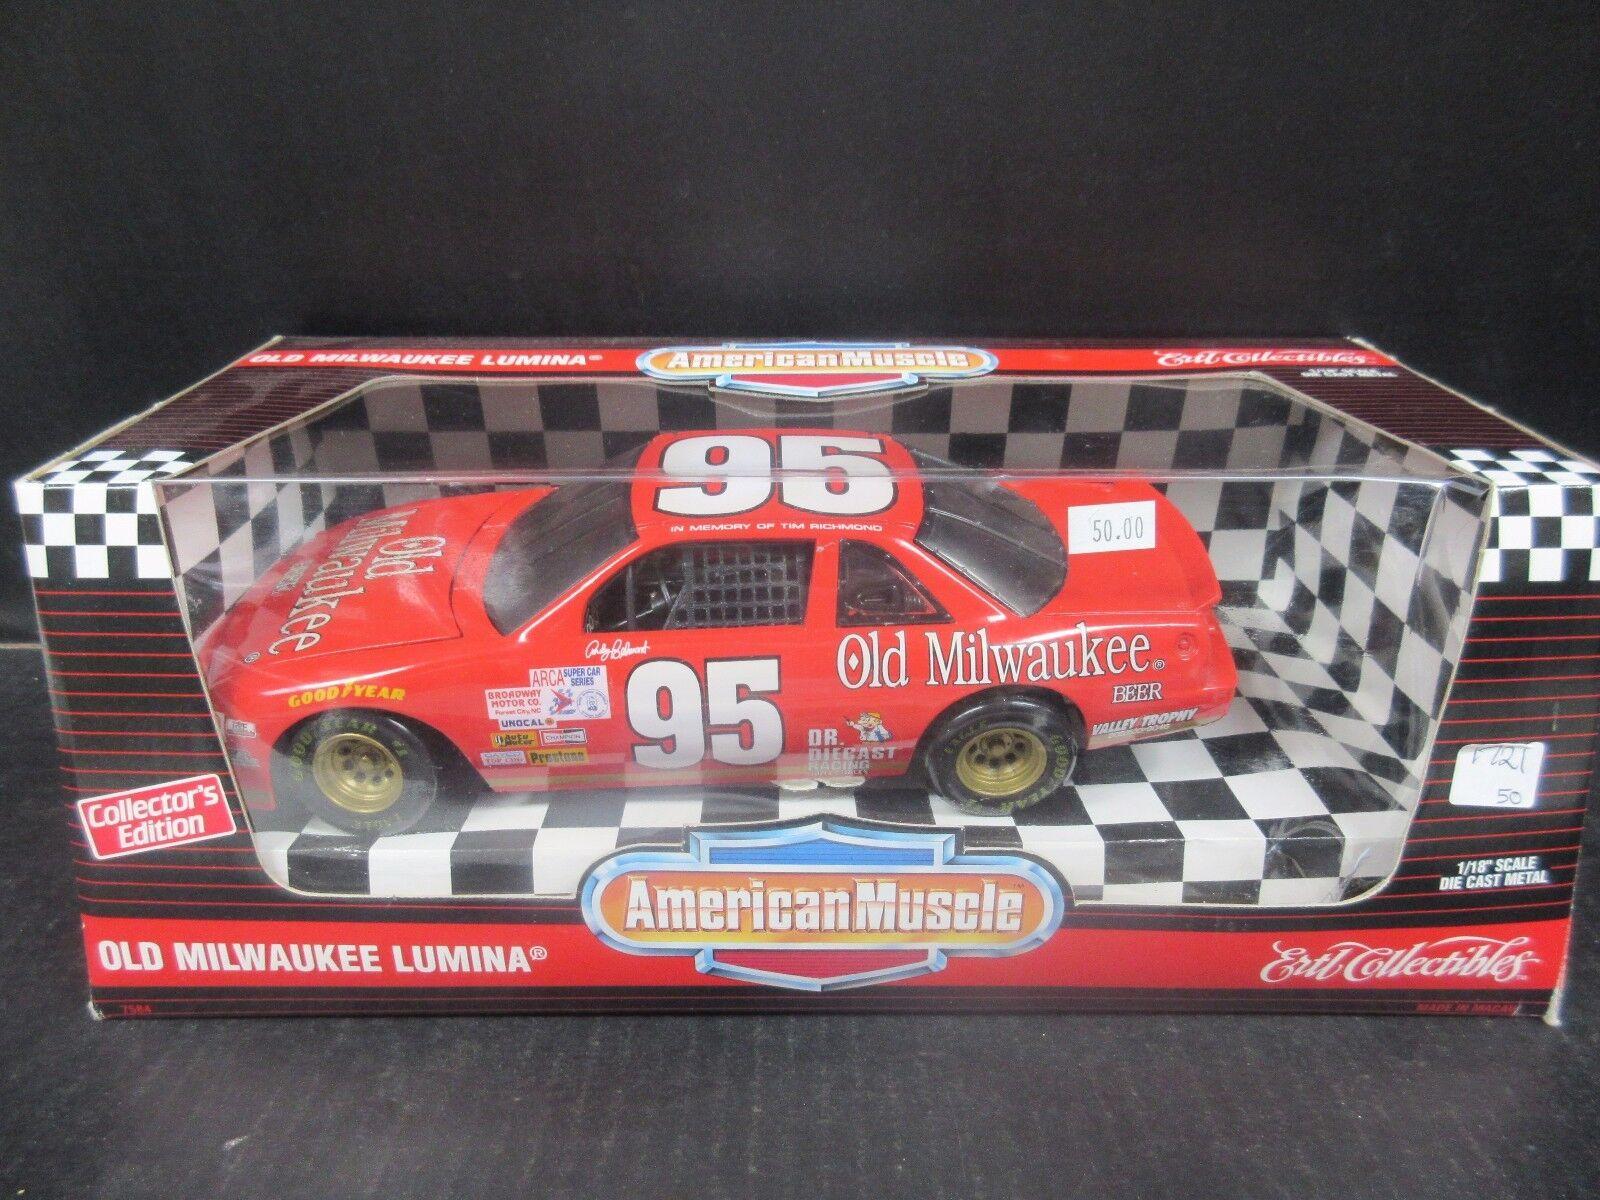 1995 ERTL  American Muscle Old Milwaukee Nº 95 Andy Belmont -- 1 18th échelle  soutenir le commerce de gros